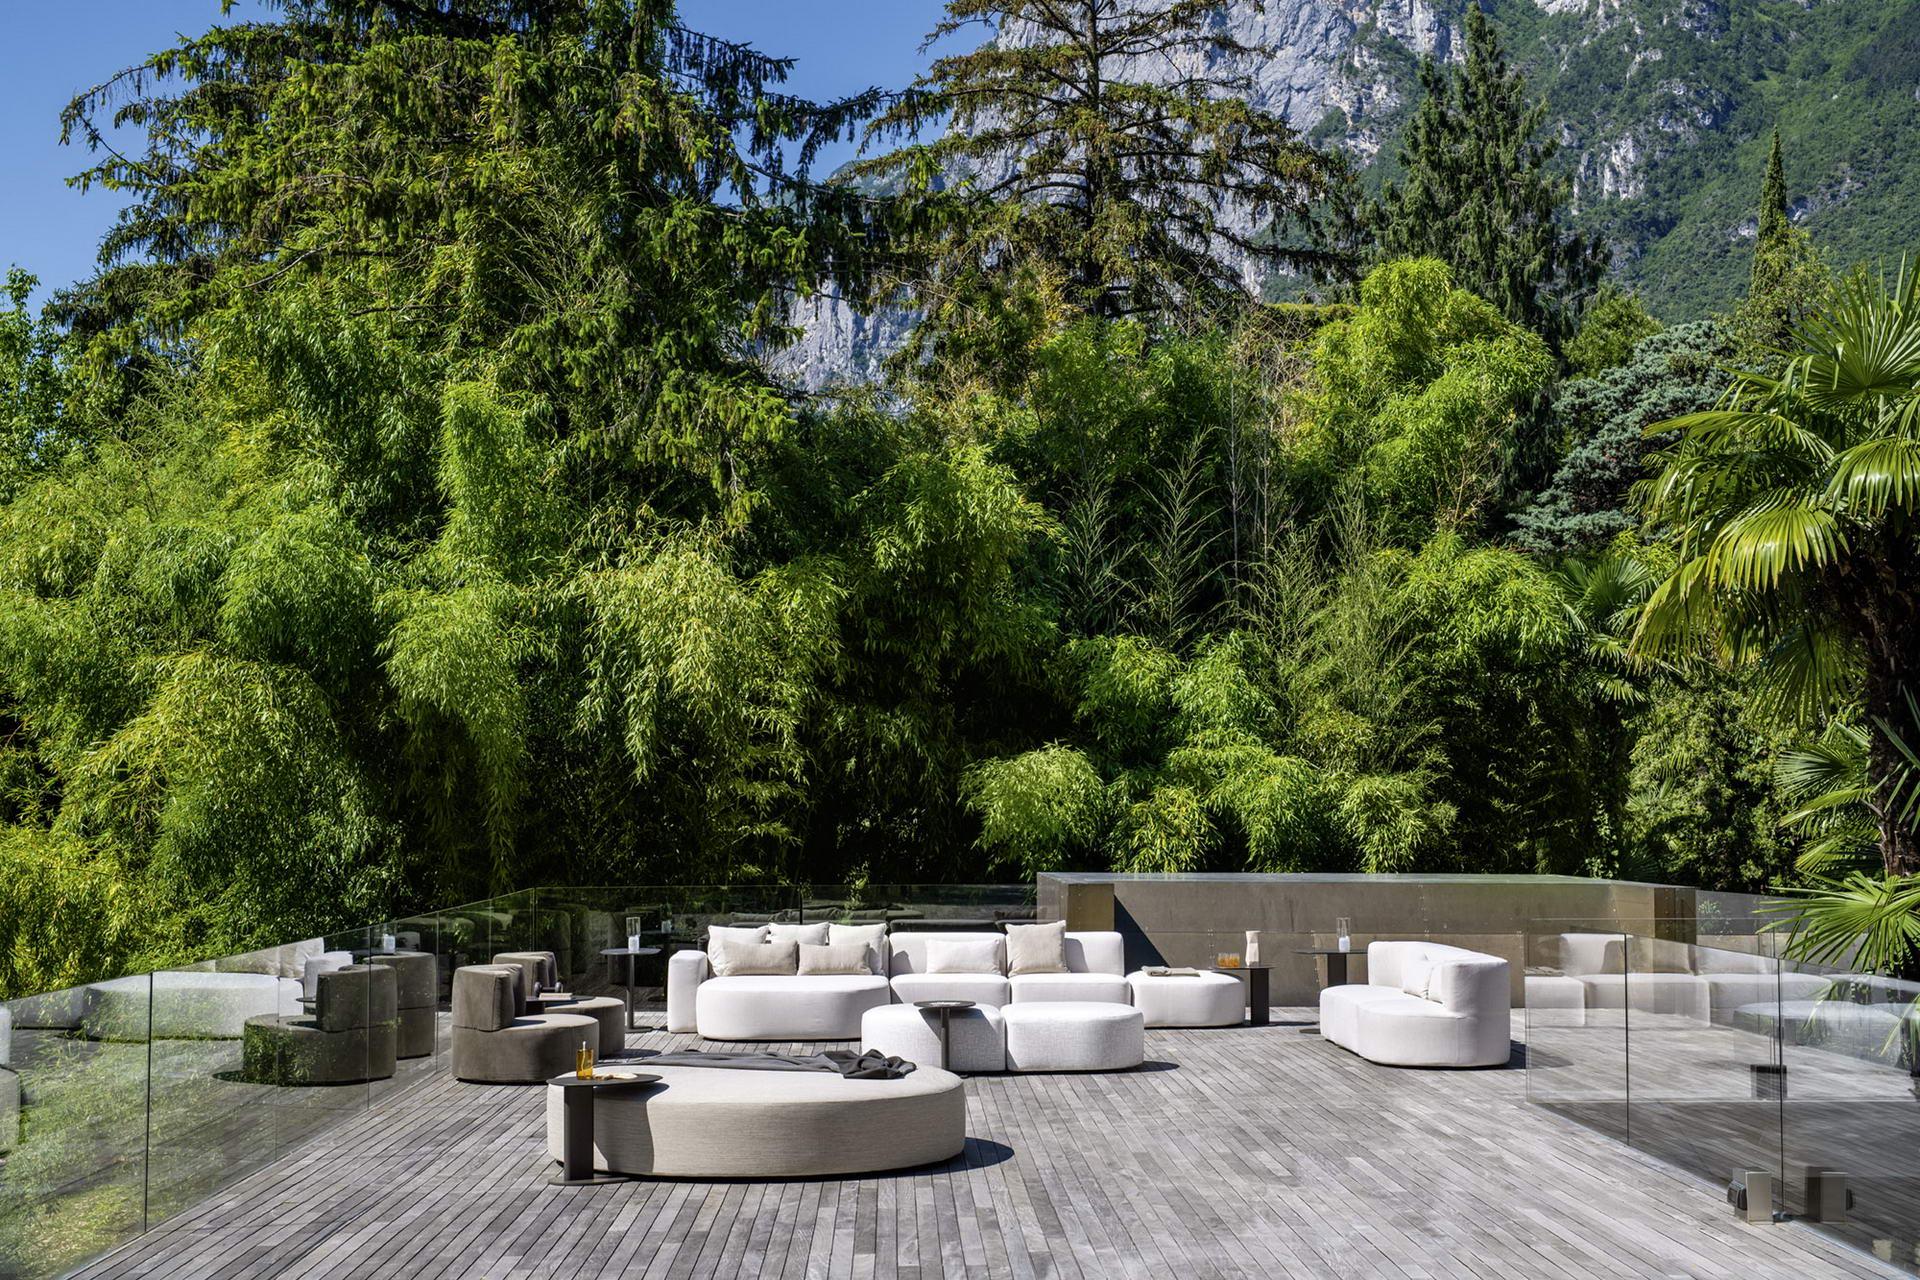 Muebles de jard n en zaragoza r stica ambientes for Muebles de jardin milanuncios